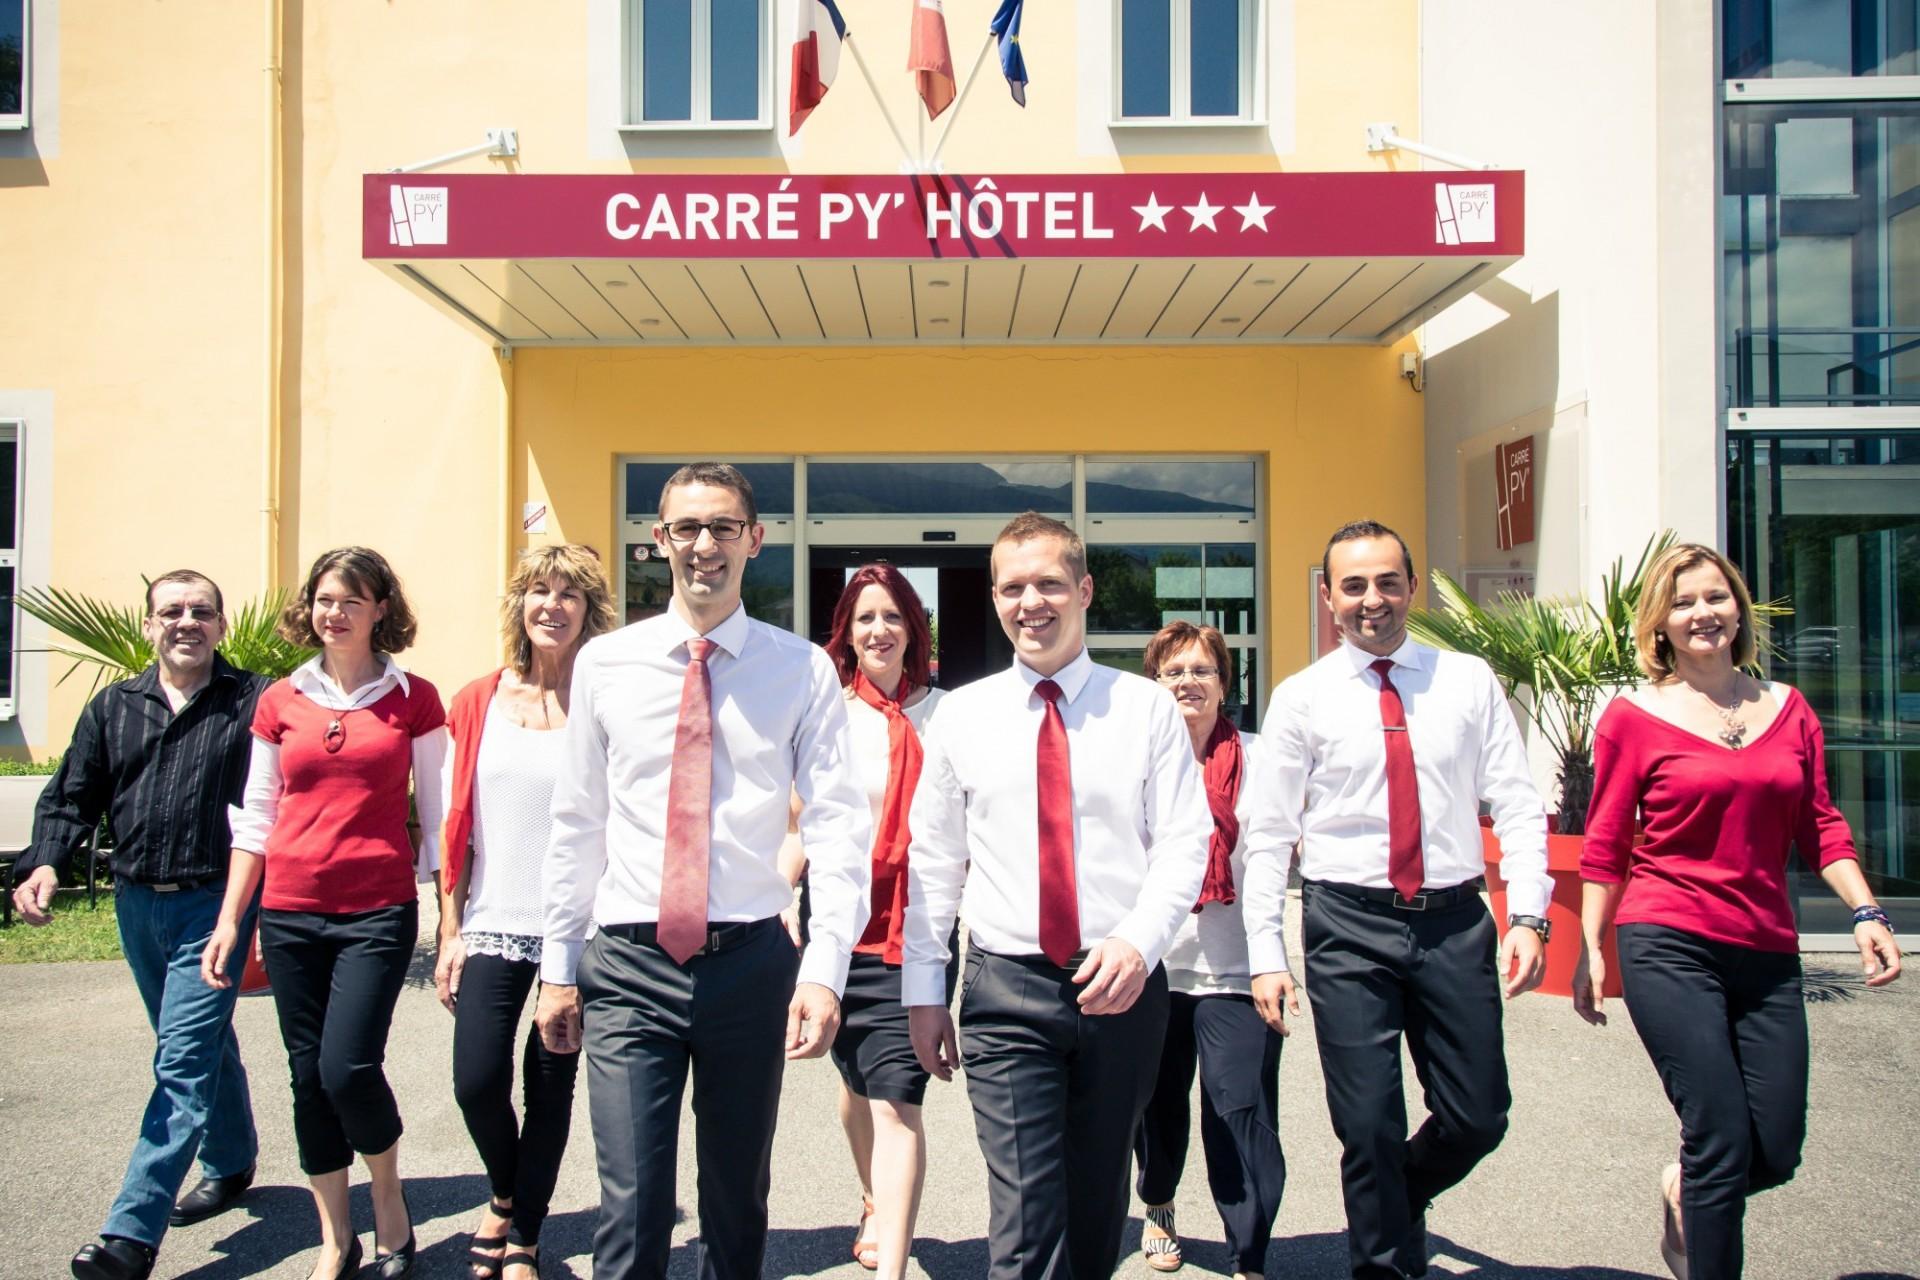 L'équipe du Carré Py' Hôtel***